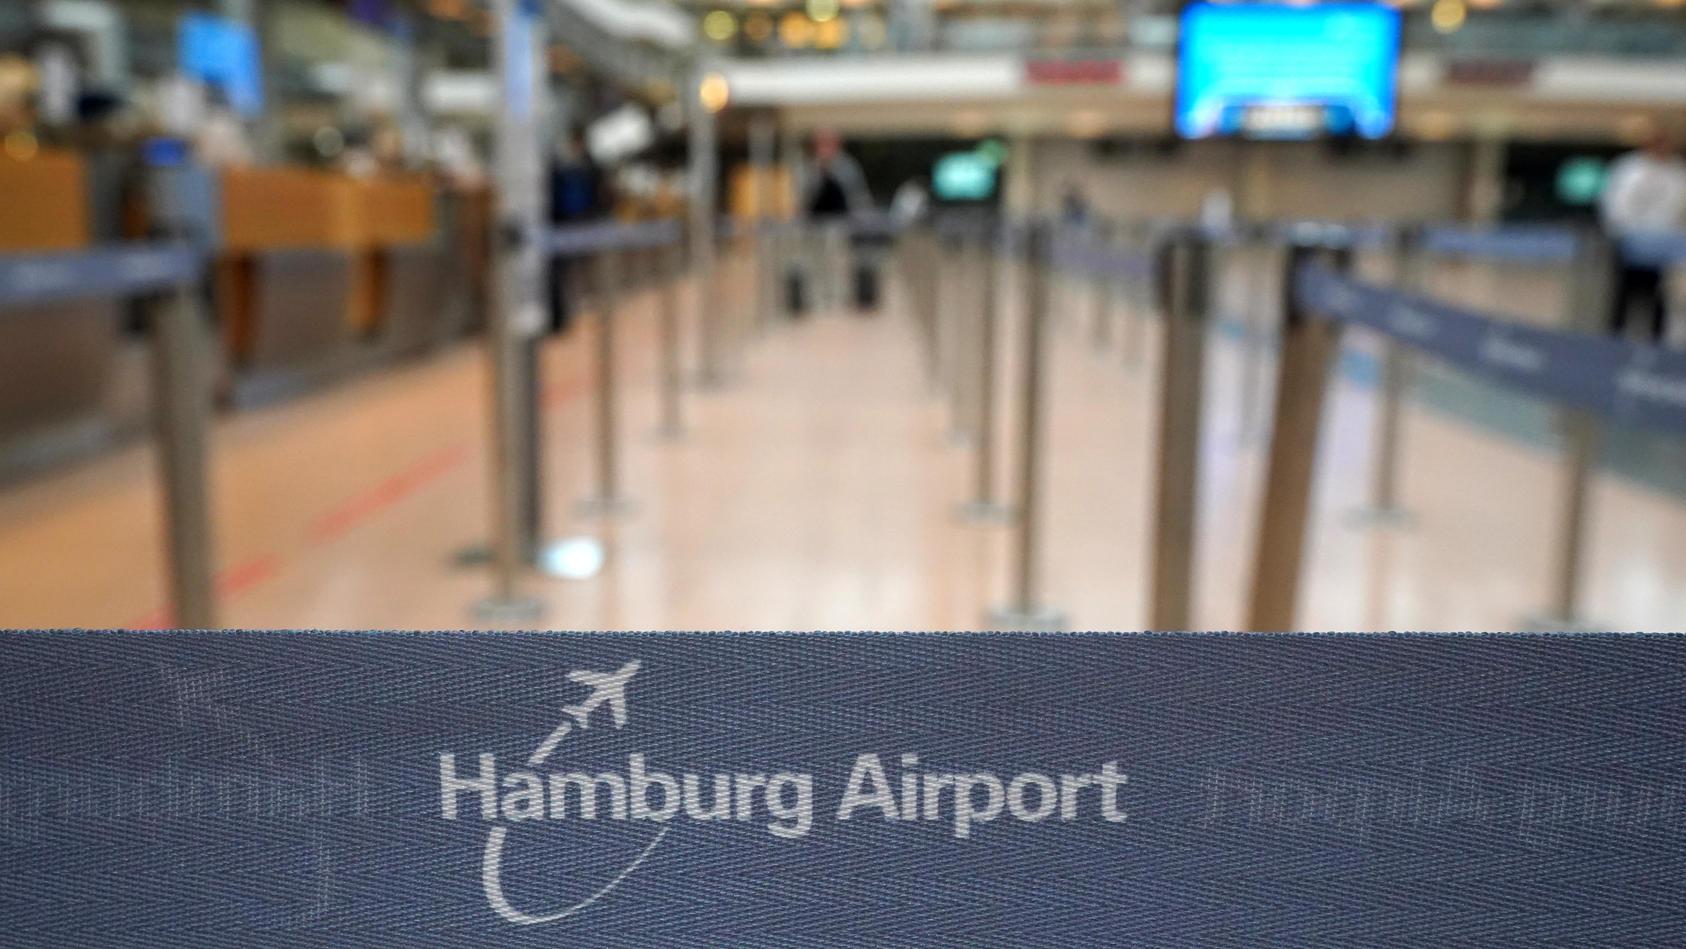 250 Fluggäste saßen lange am Hamburger Flughafen fest. Letztendlich musste die Polizei mit einem Großaufgebot anrücken.